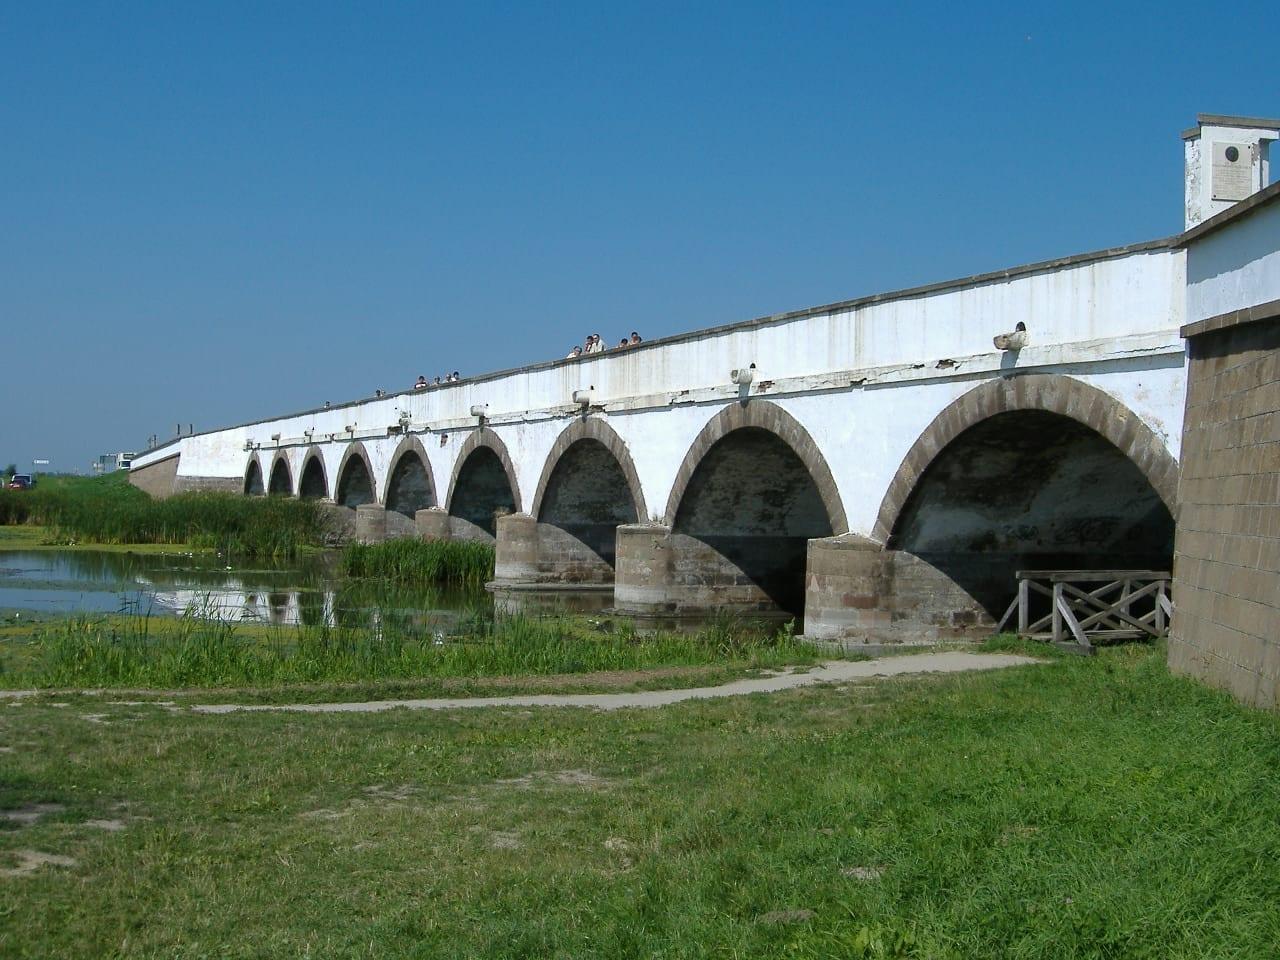 El puente de nueve agujeros, Hortobágy. Debrecen Hungría